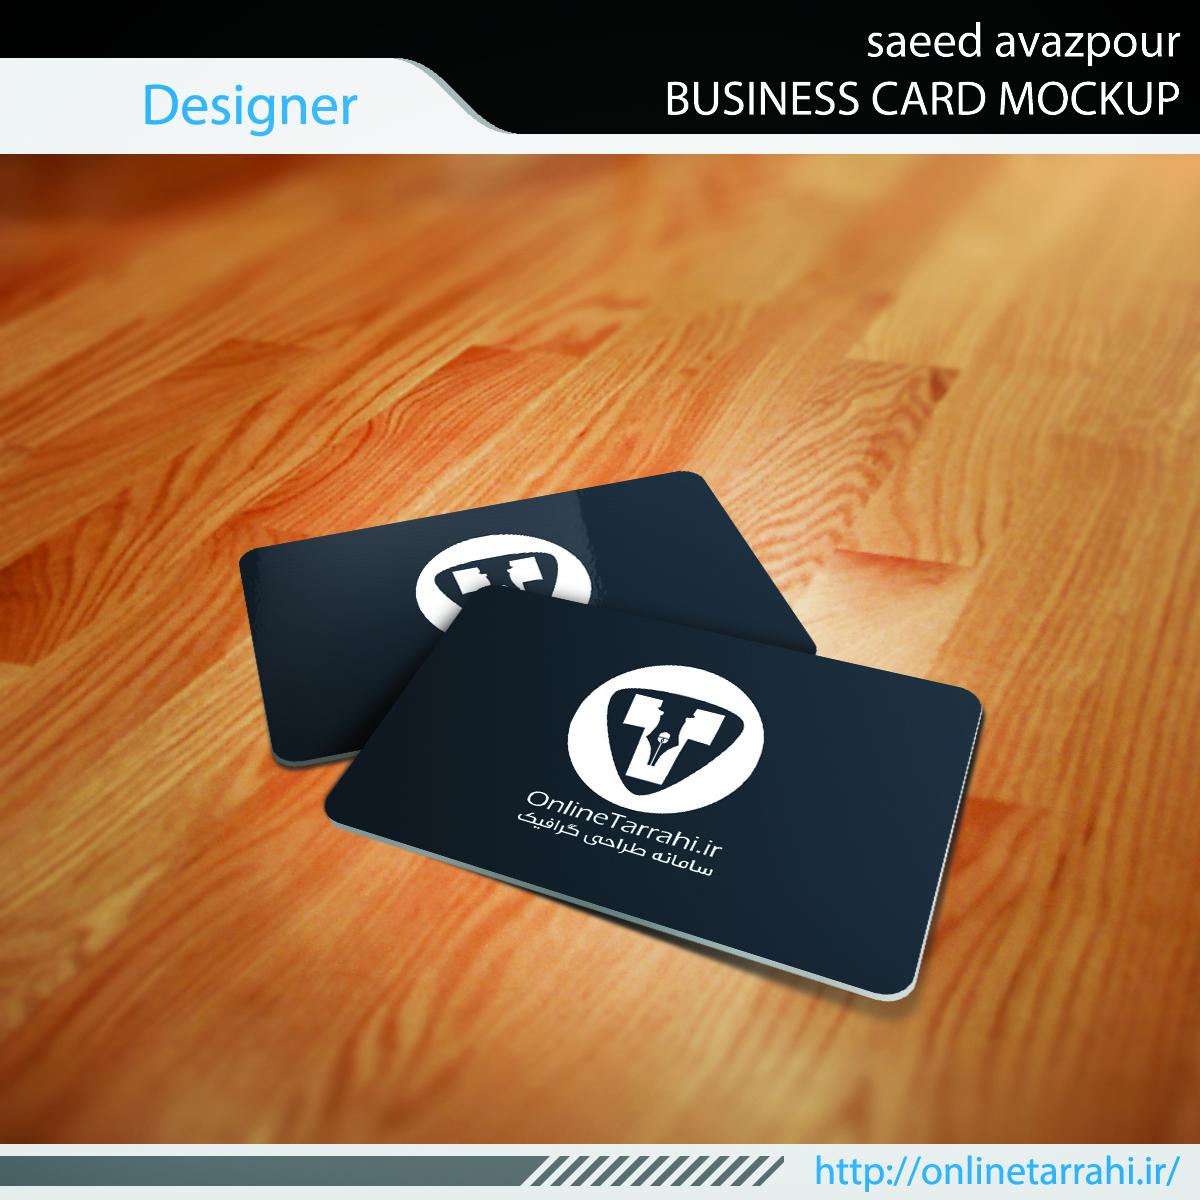 موکاپ کارت ویزیت روی سطح چوبی